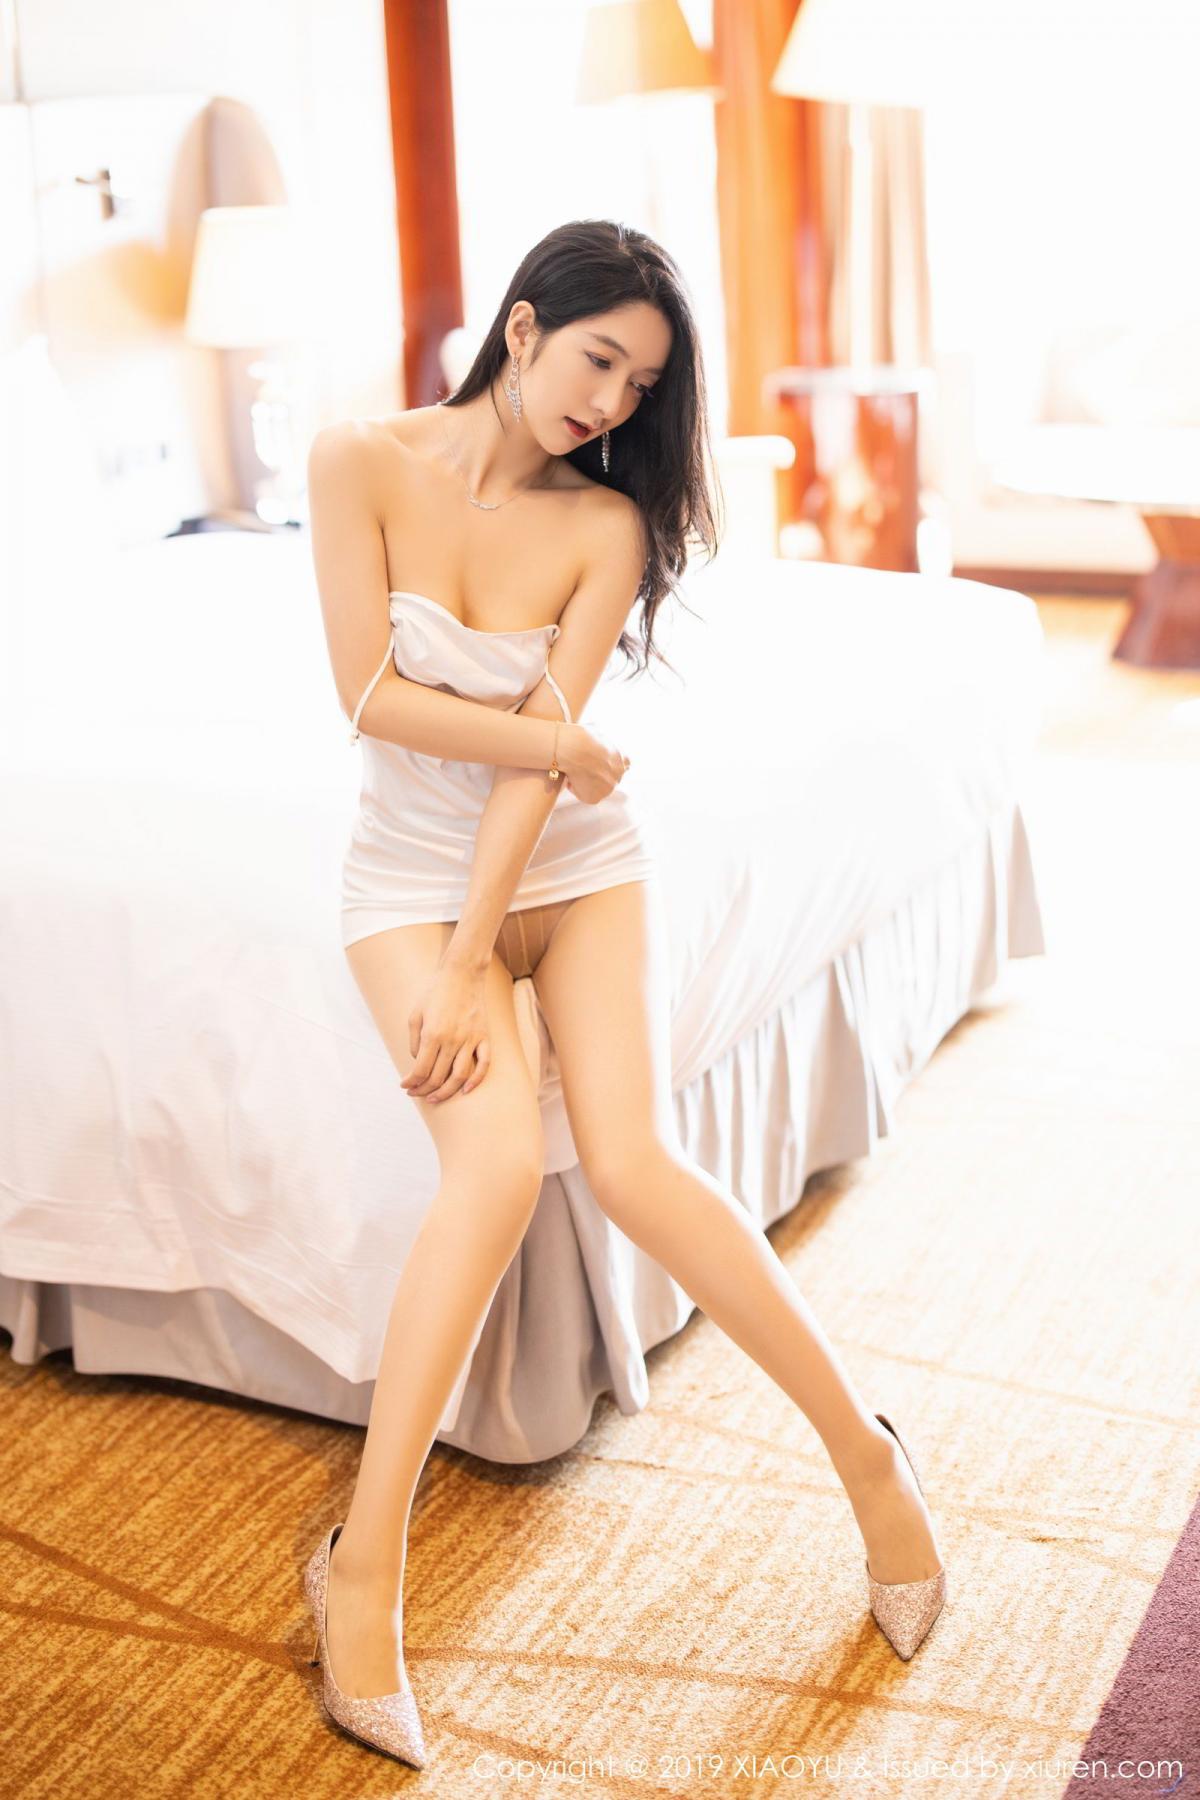 [XiaoYu] Vol.177 Di Yi 13P, Di Yi, XiaoYu